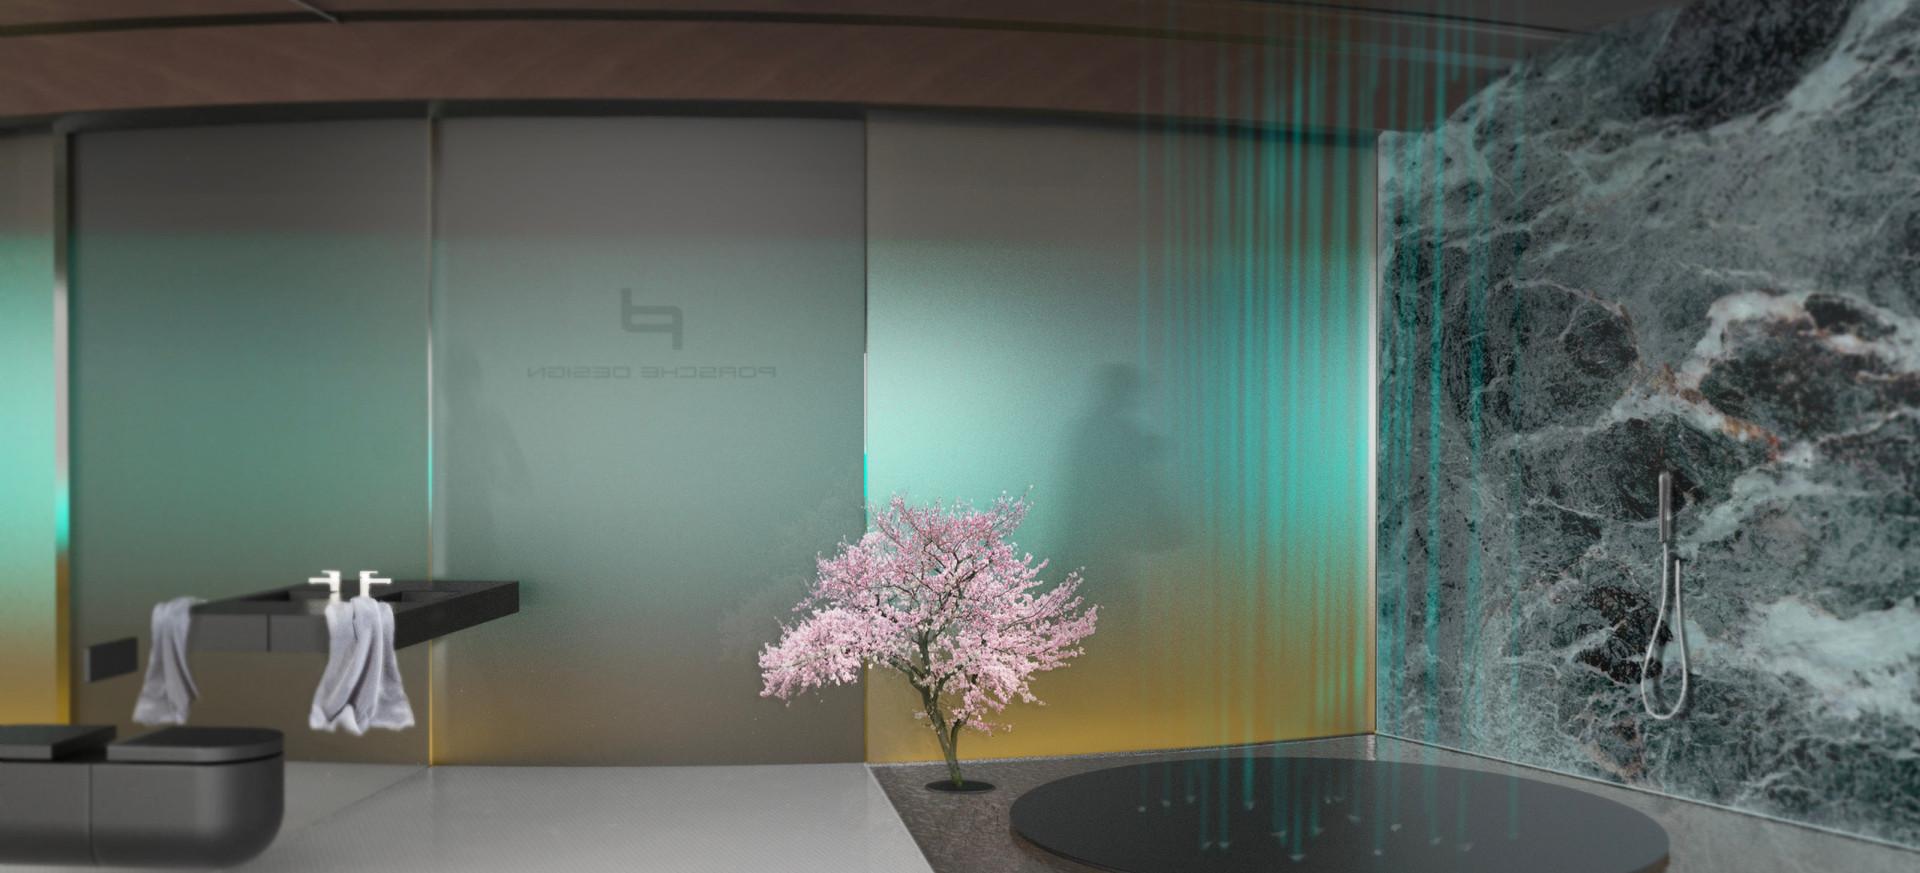 Porsche_Design__Schröcker_Lounge-19.jpg